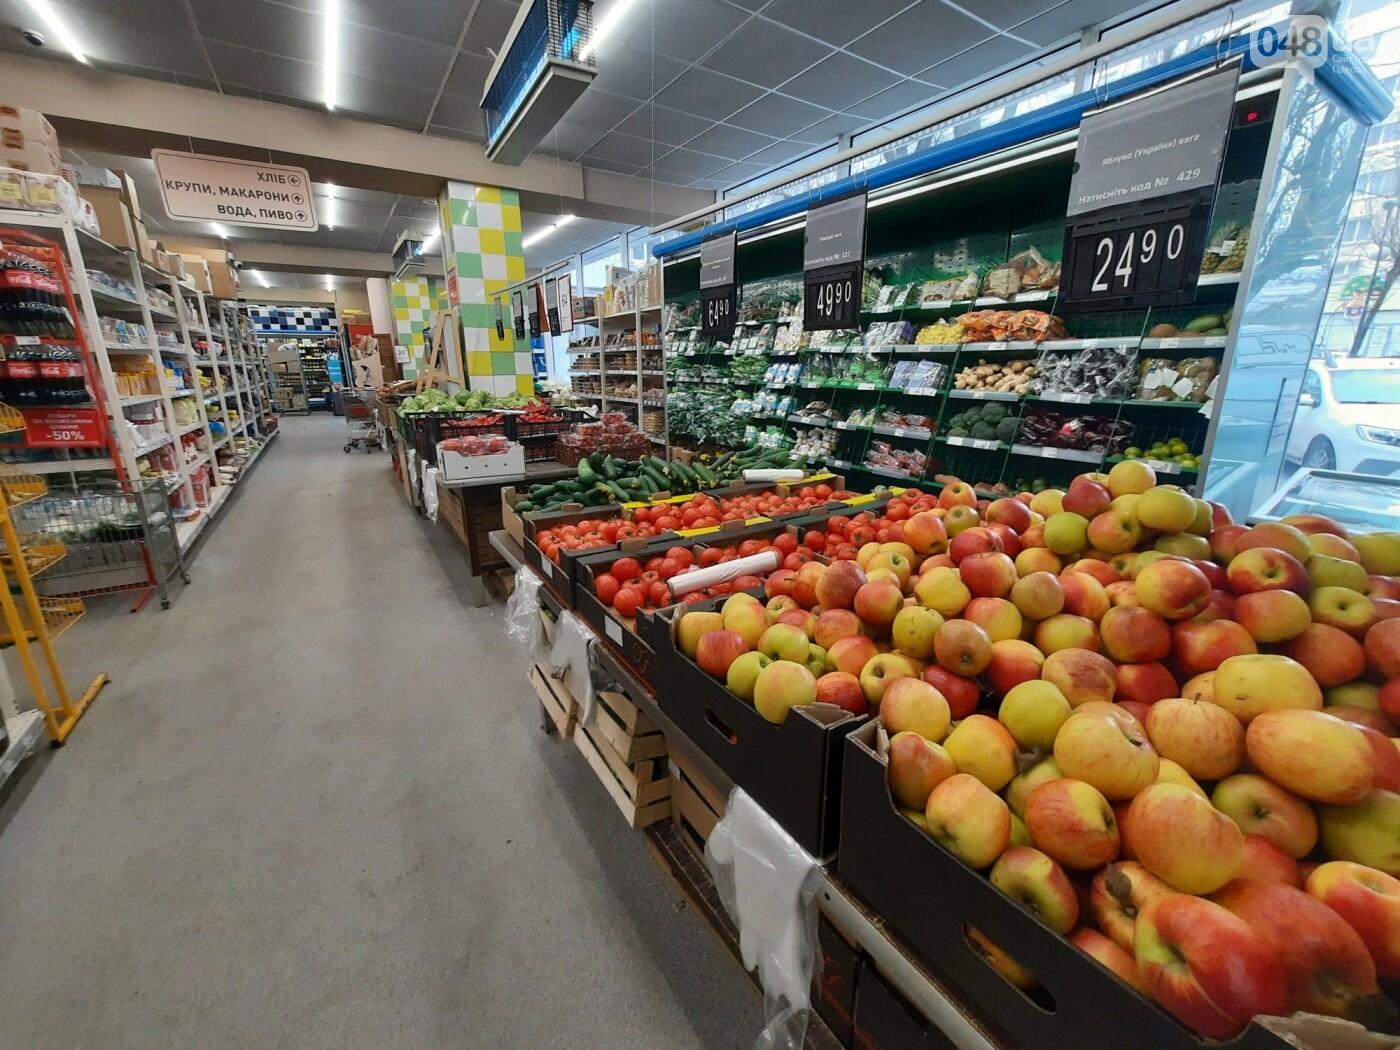 Редиска, помидоры и авокадо: как не переплачивать за покупки в супермаркетах Одессы, - ФОТО, фото-4